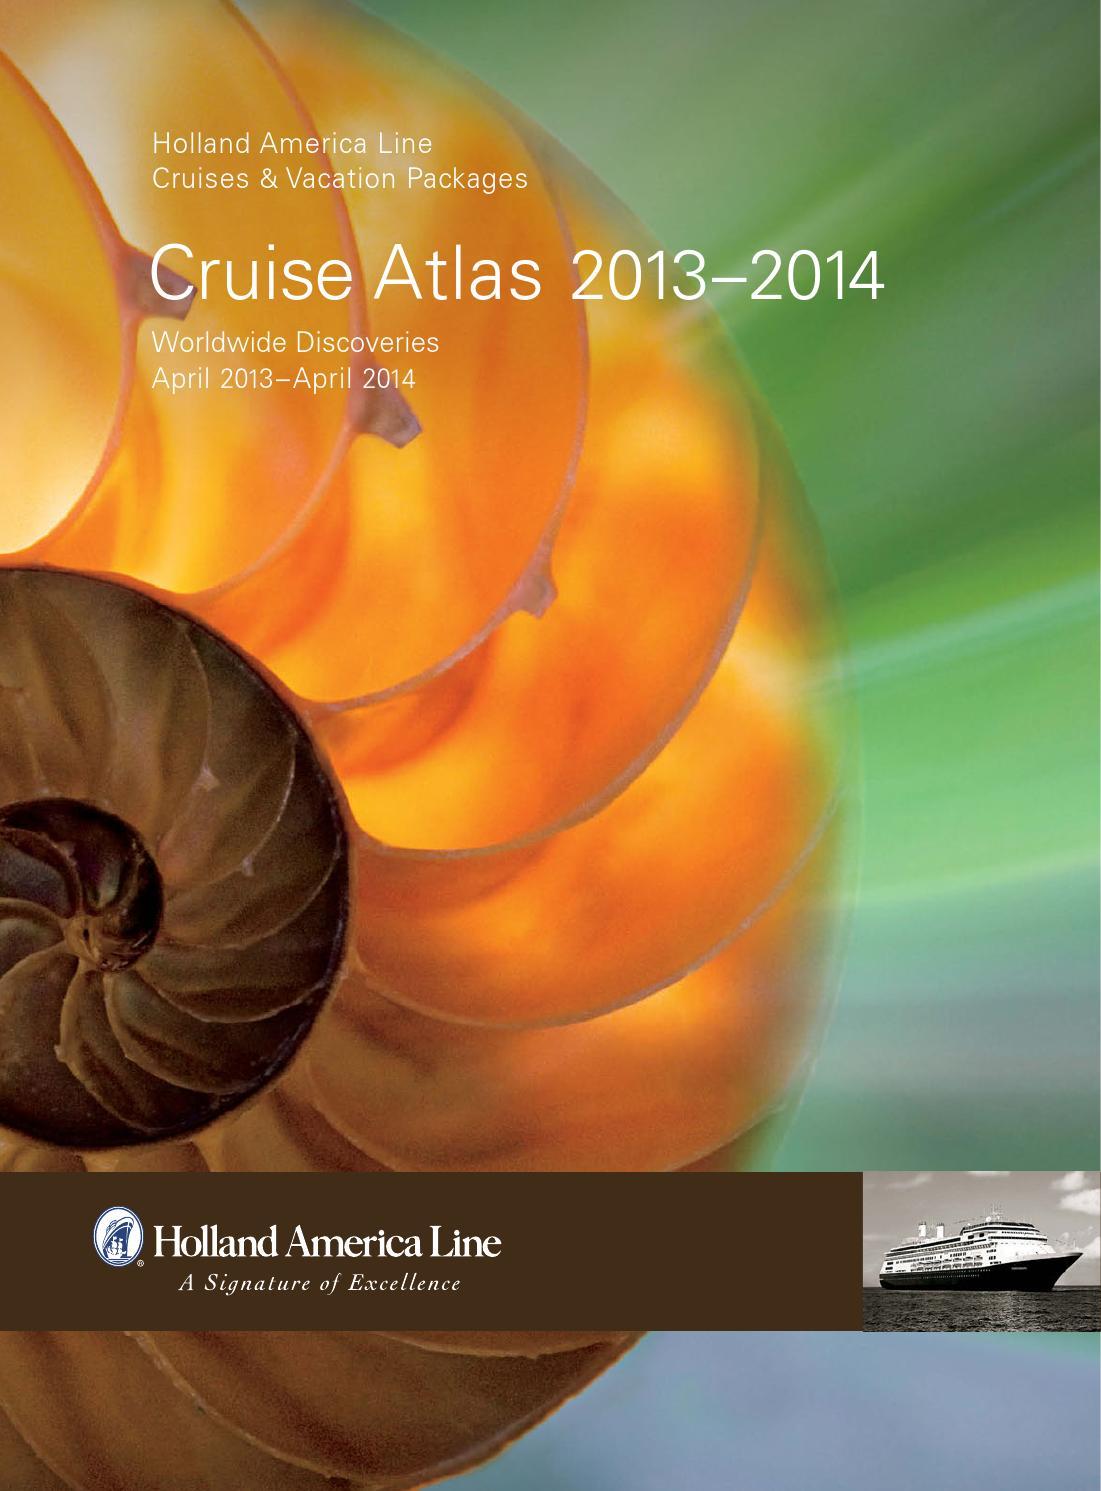 Cruise Atlas 2013-2014 Catalogosviajes.com by Catálogosdeviajes ...